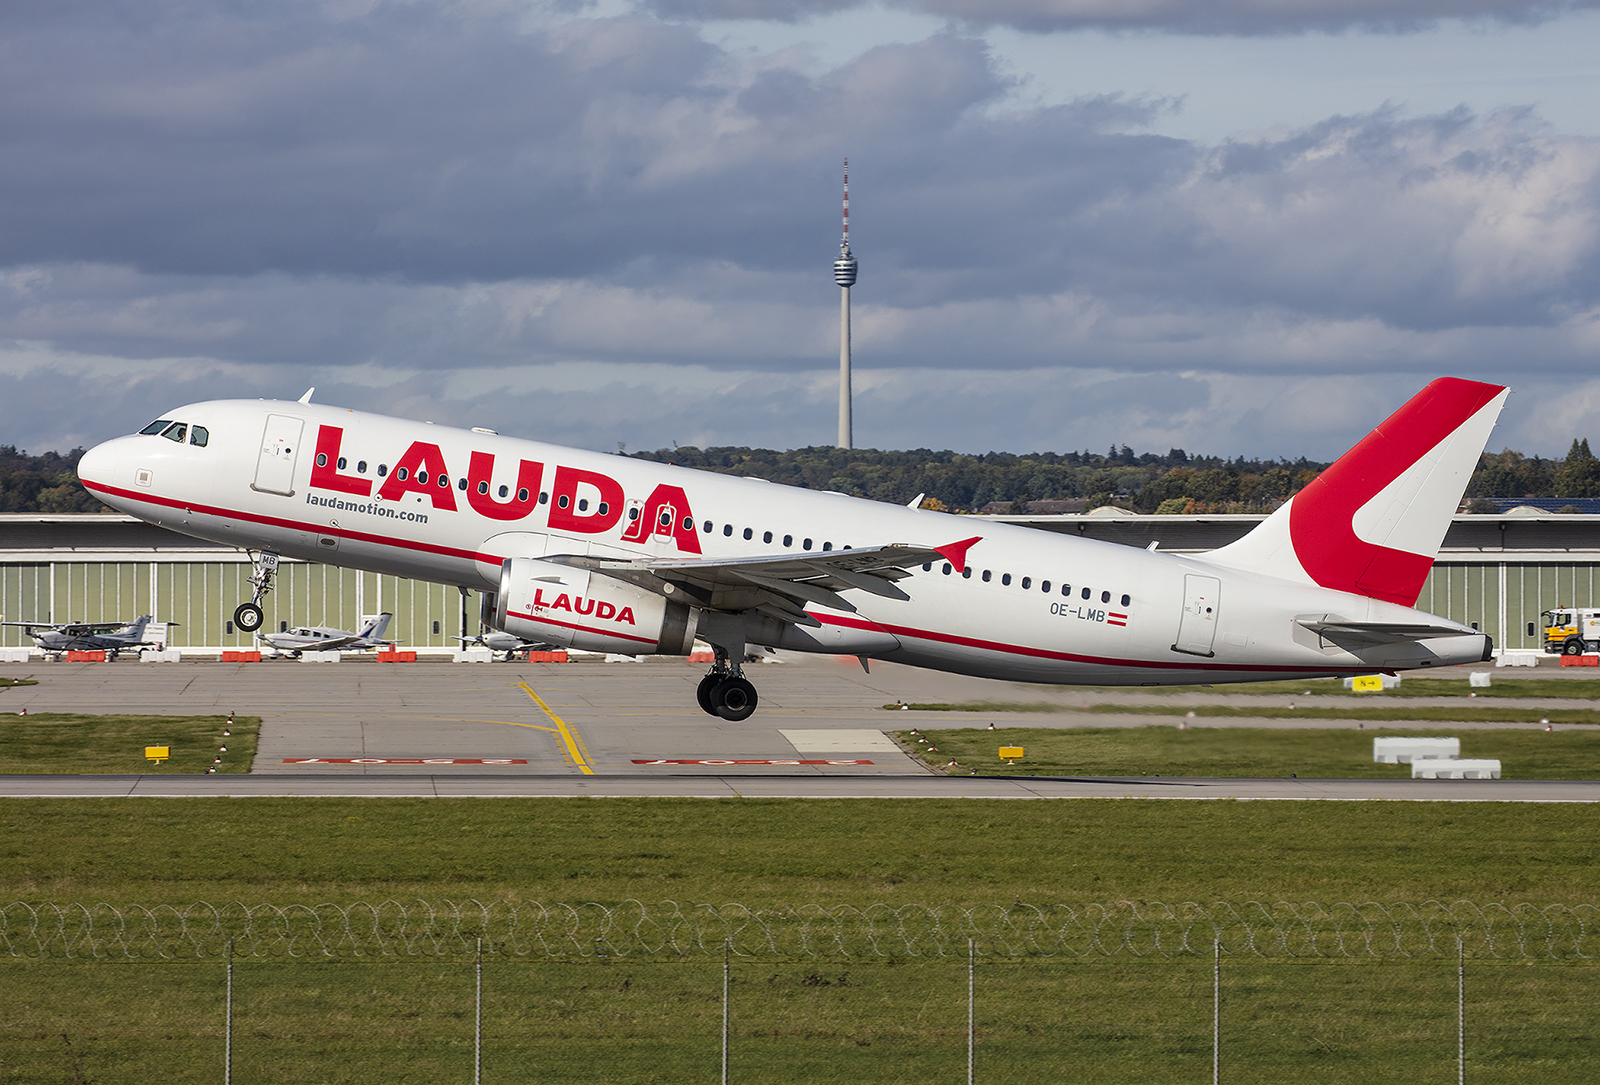 Noch lebt der Name Lauda am Himmel. In Stuttgart hat Laudmotion mehrere Flieger stationiert. Die OE-LMB kam von LATAM Brasil.